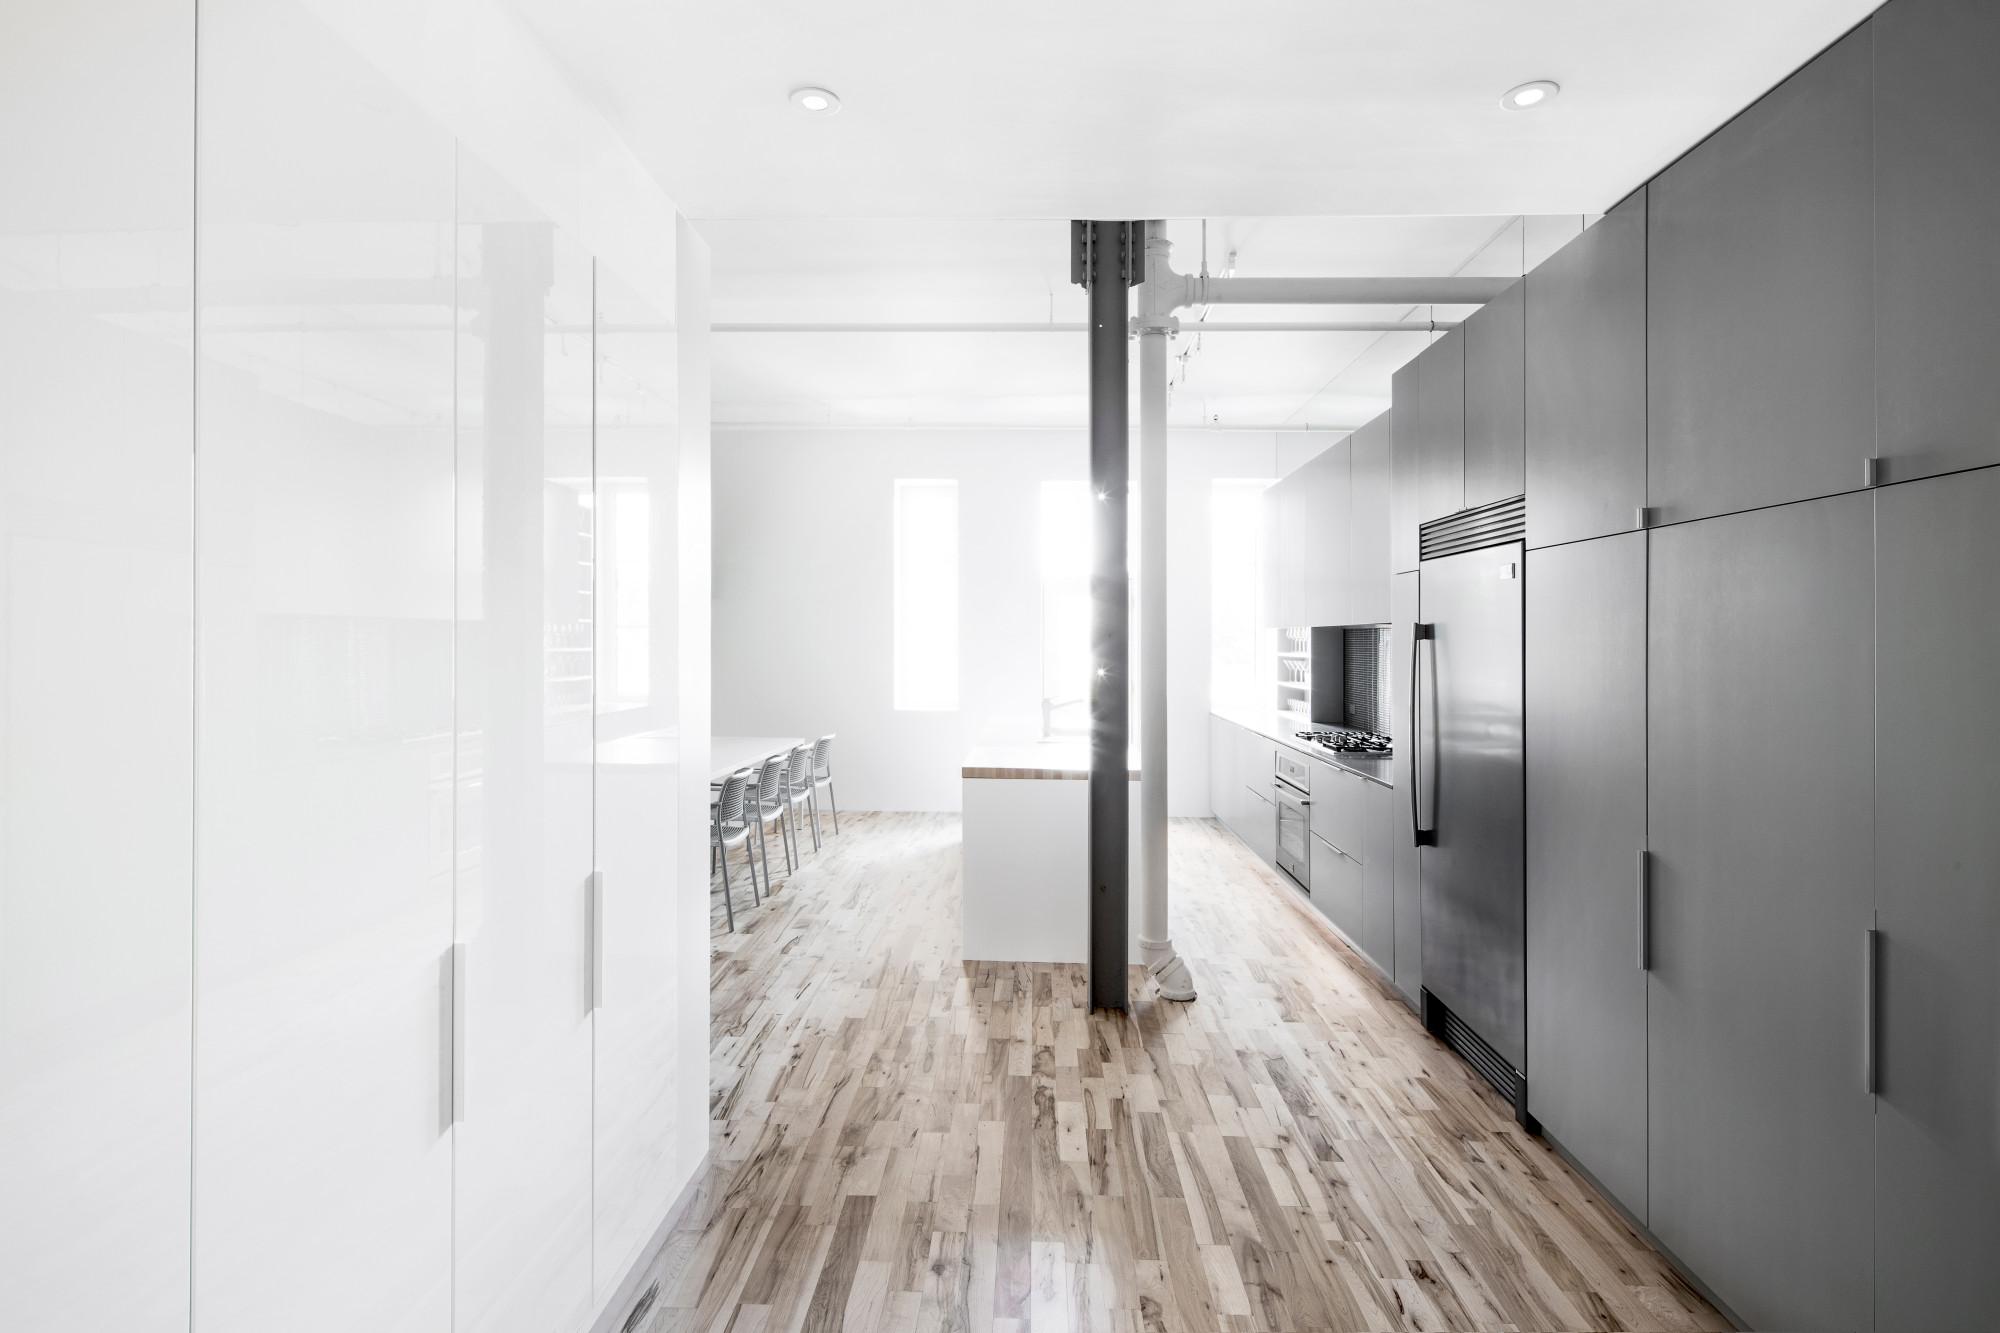 wohnung mit minimalistischem weisem interieur design new york, wohnung in einem ehemaligen industriebau in montréal | bad und, Design ideen